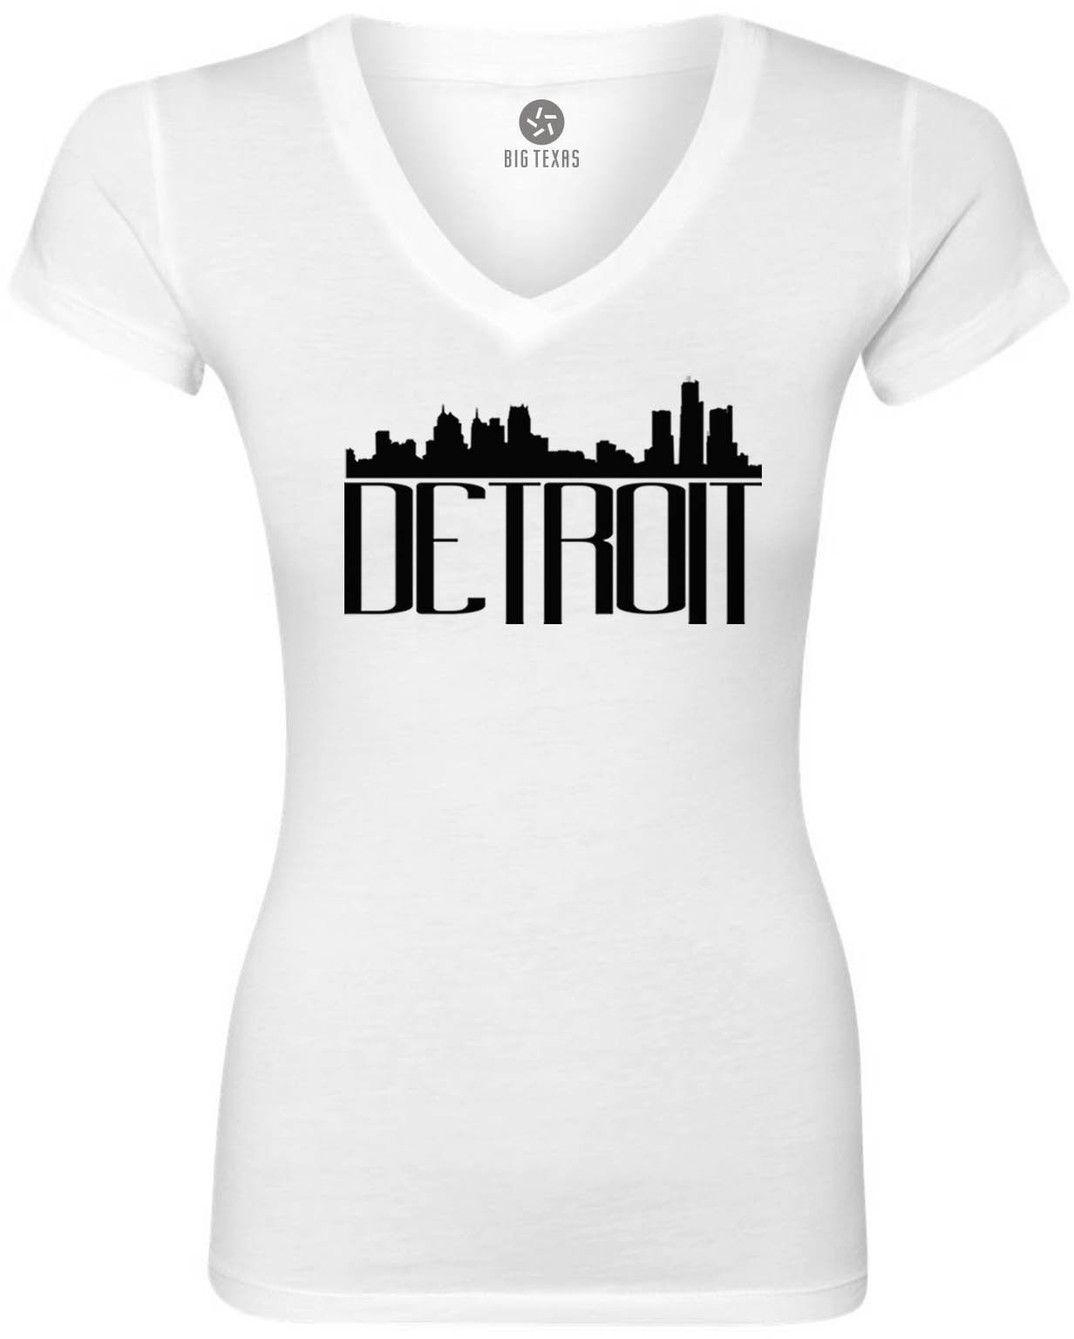 1074x1339 Detroit Skyline (Black) Women's Short Sleeve V Neck T Shirt